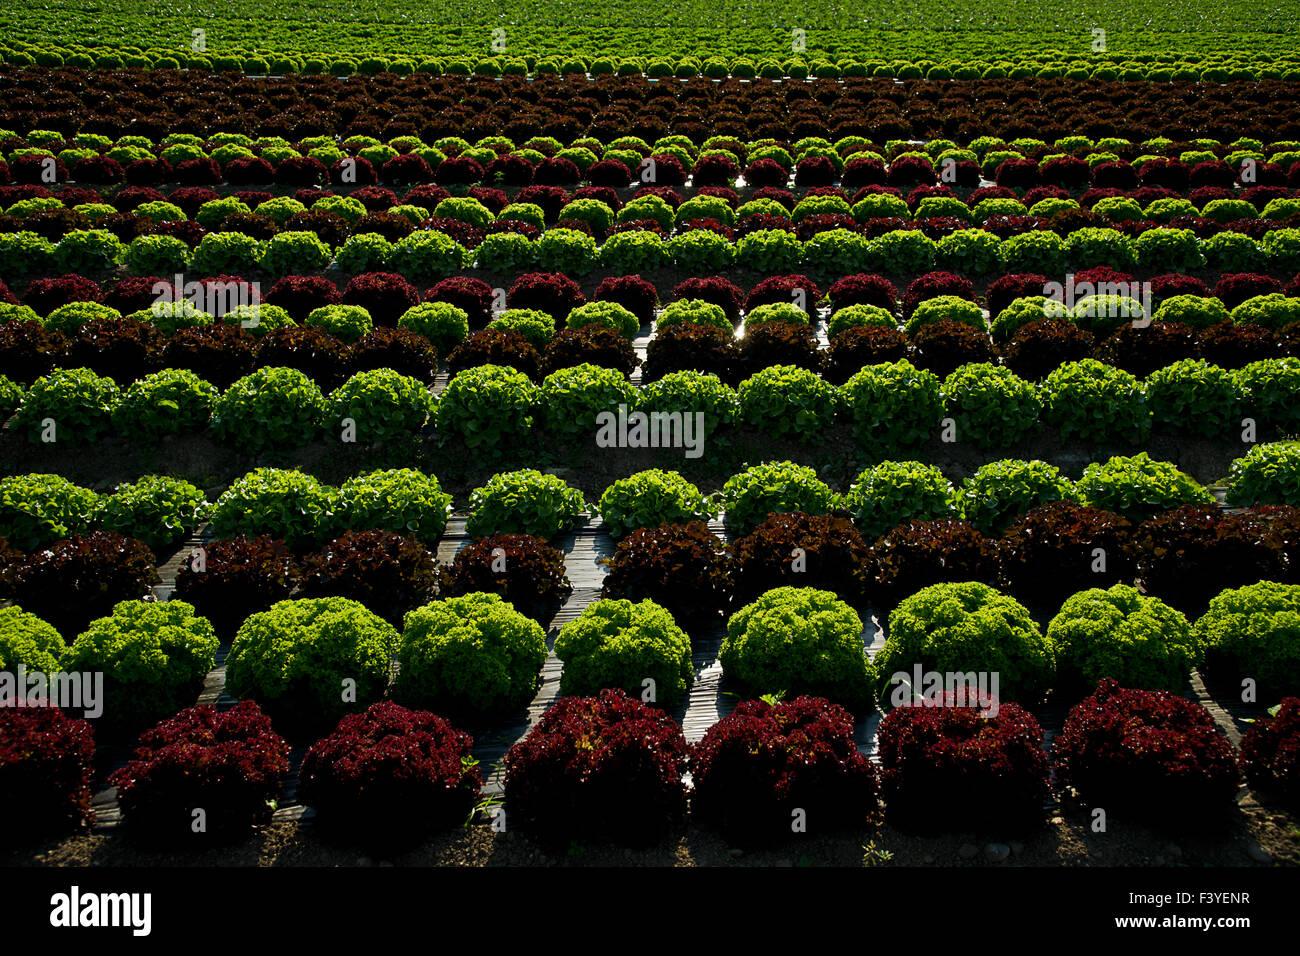 lettuce field - Stock Image